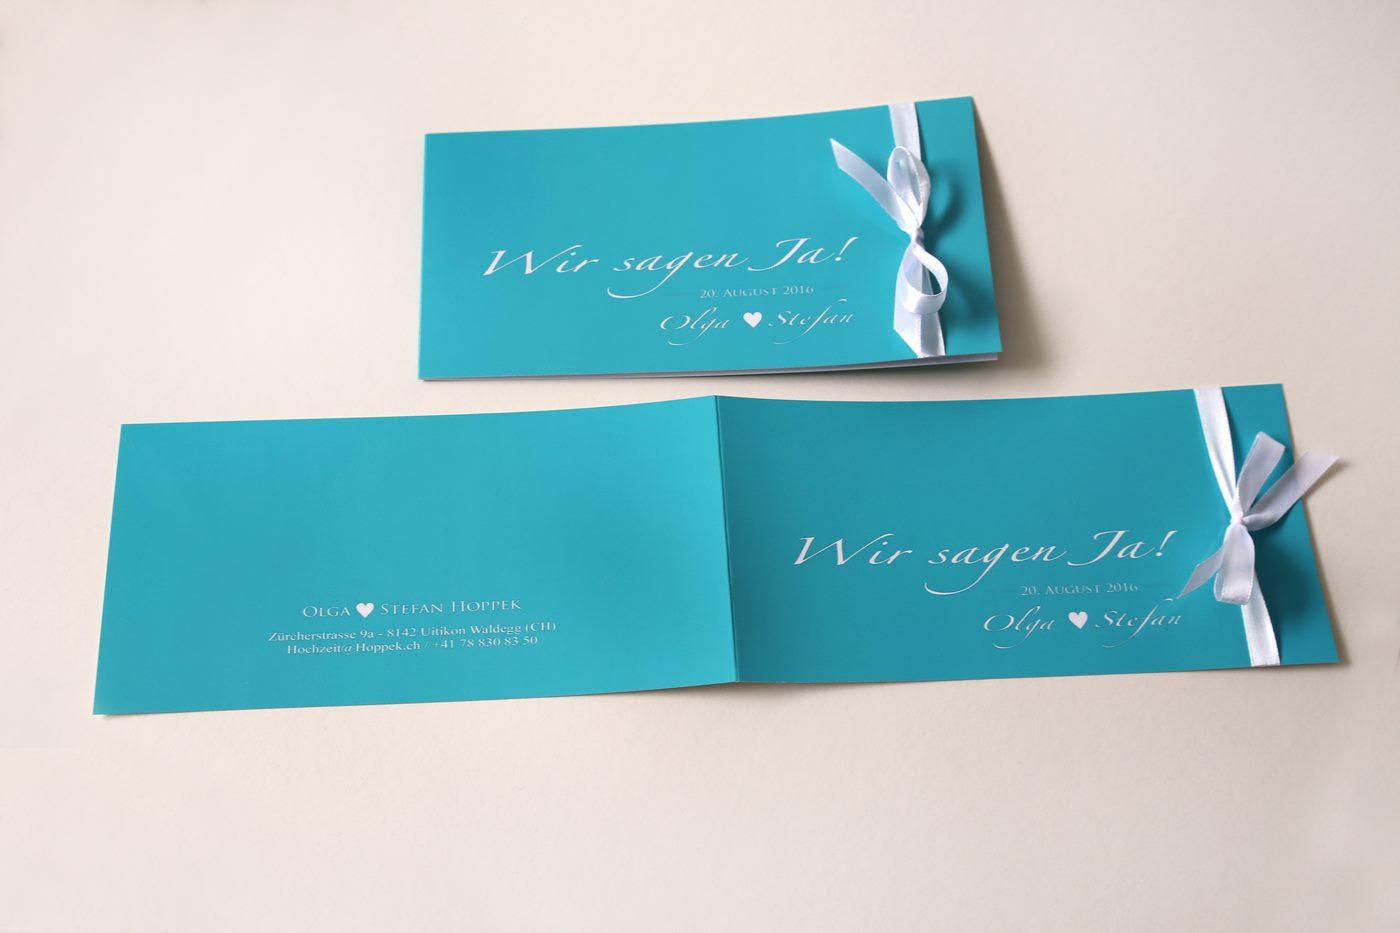 Wir sagen ja Einladungskarte zur Hochzeit in türkis